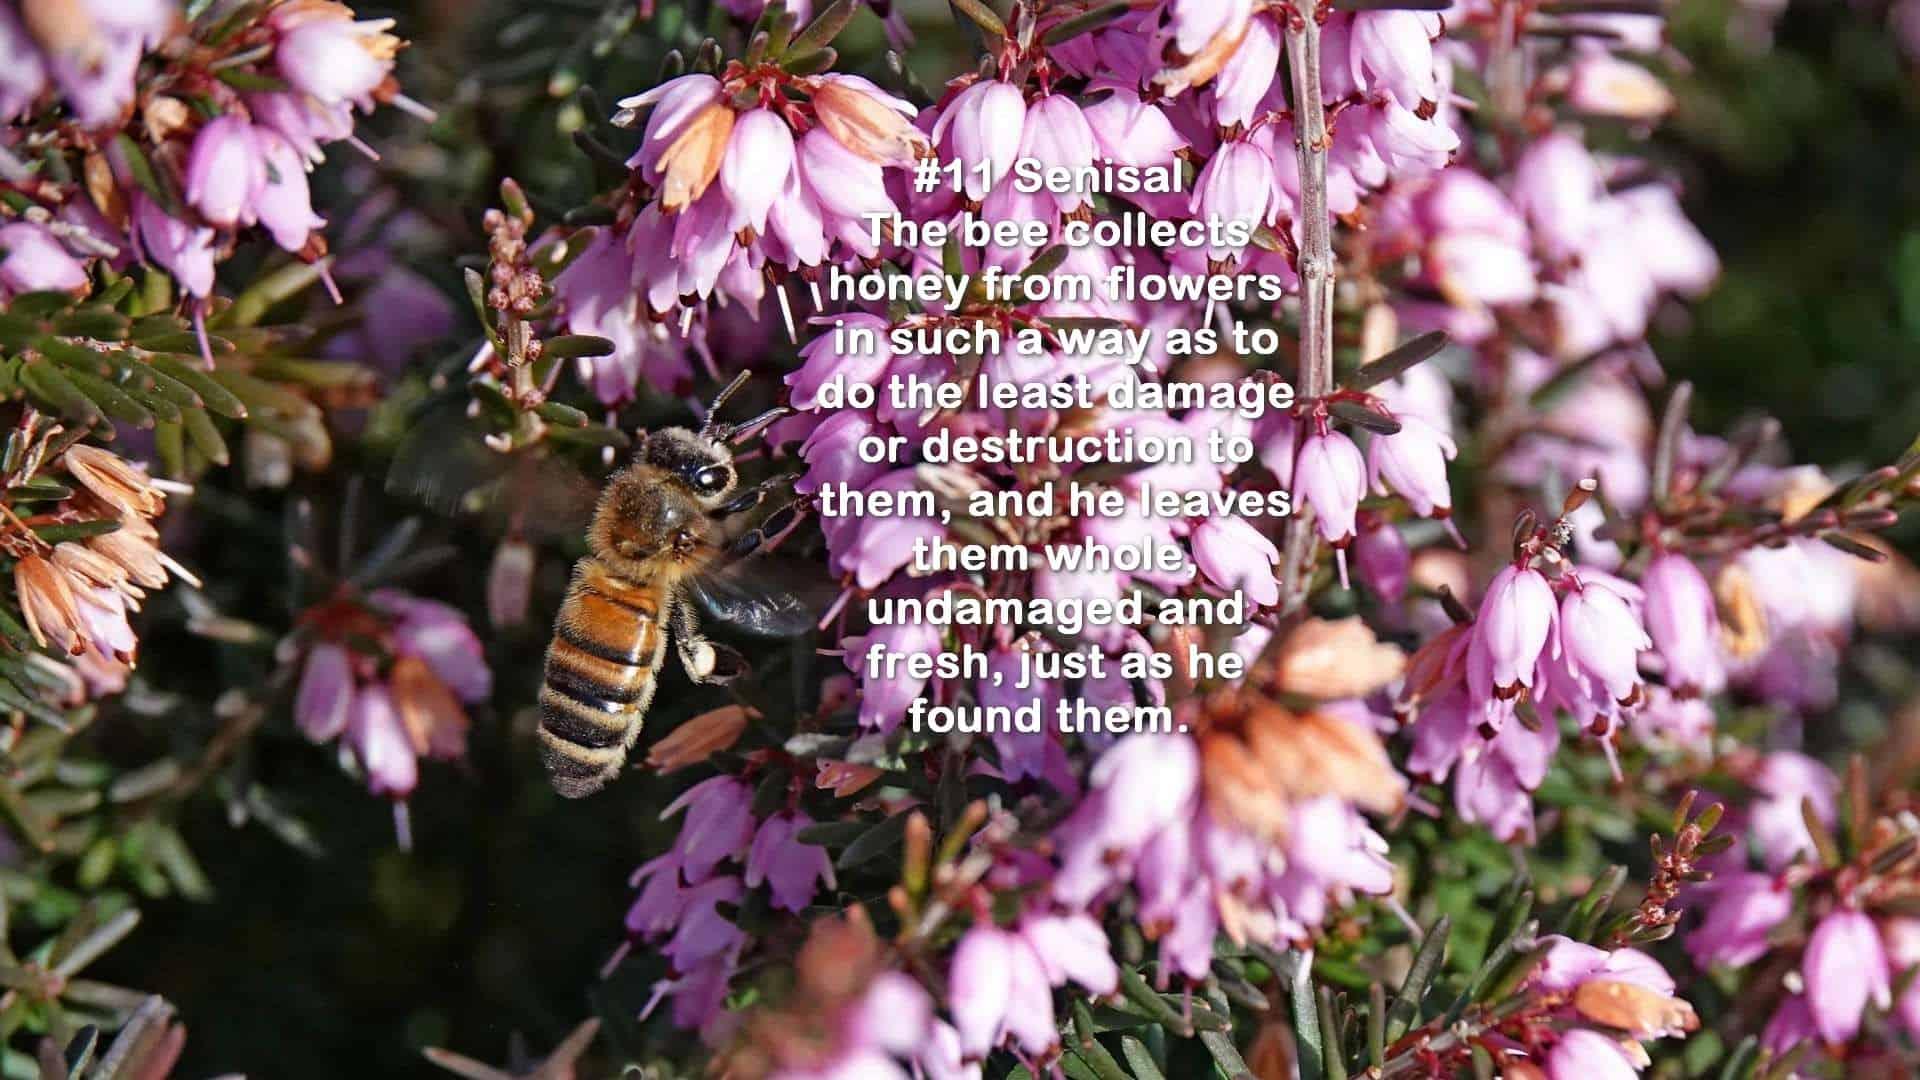 Bee in a pink flower bush